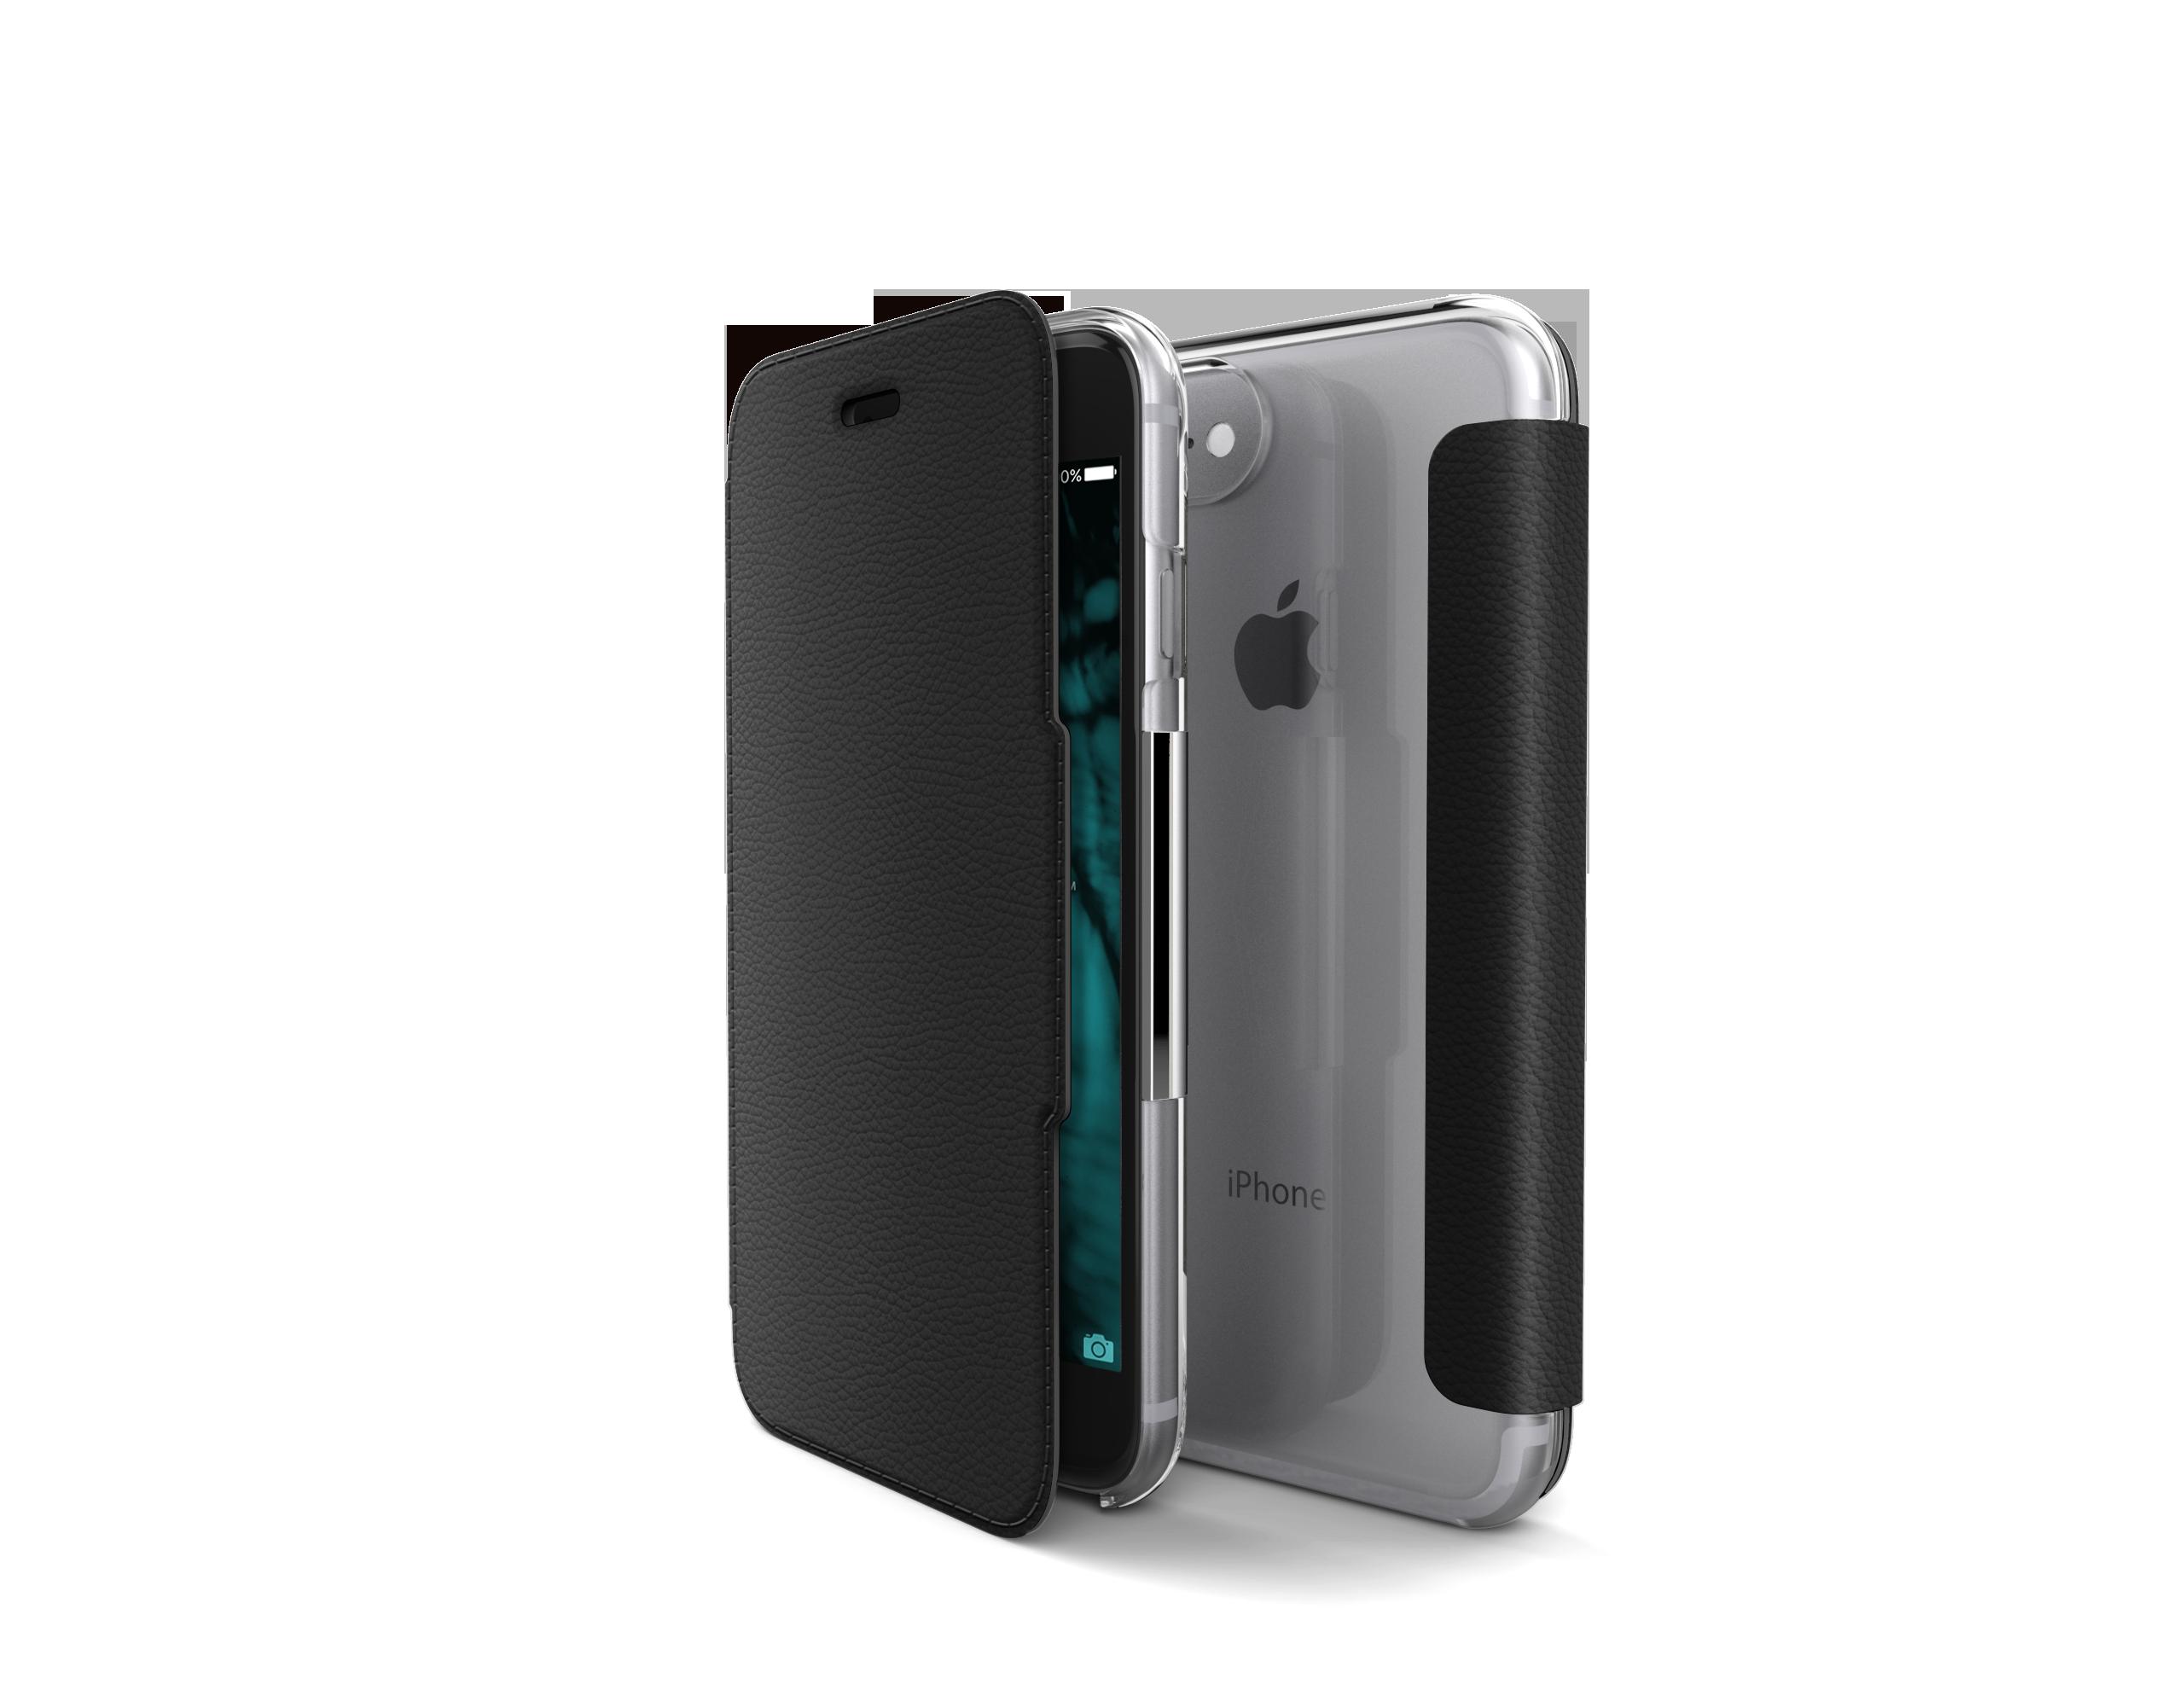 Pouzdro / kryt pro iPhone 7 - X-DORIA, ENGAGE FOLIO BLACK